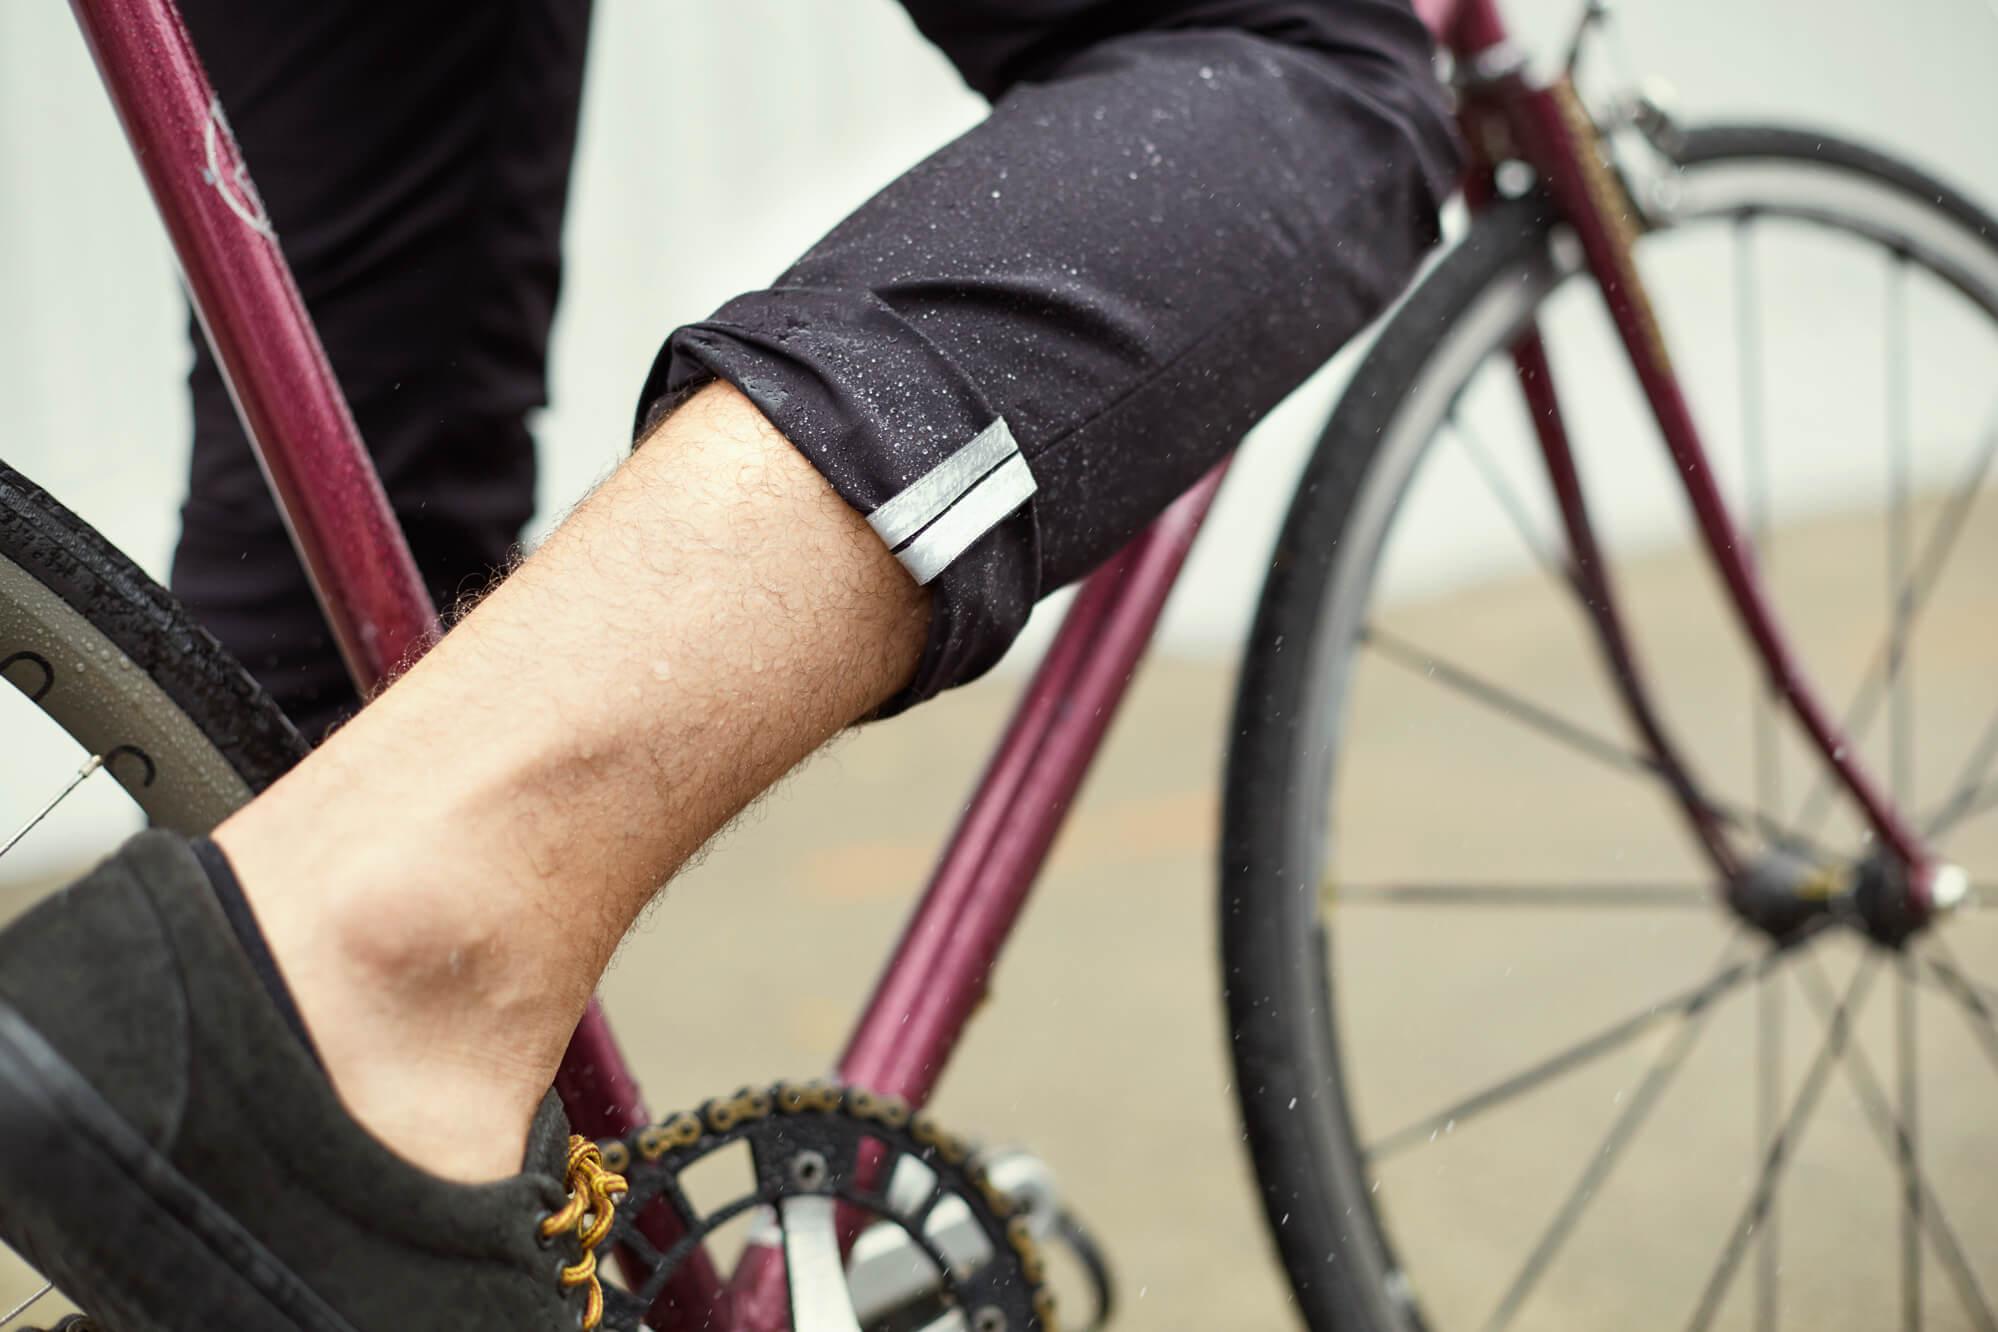 con toda la comodidad, protección y durabilidad del clásico estilo levi's®. prendas hechas por ciclistas, para ciclistas.